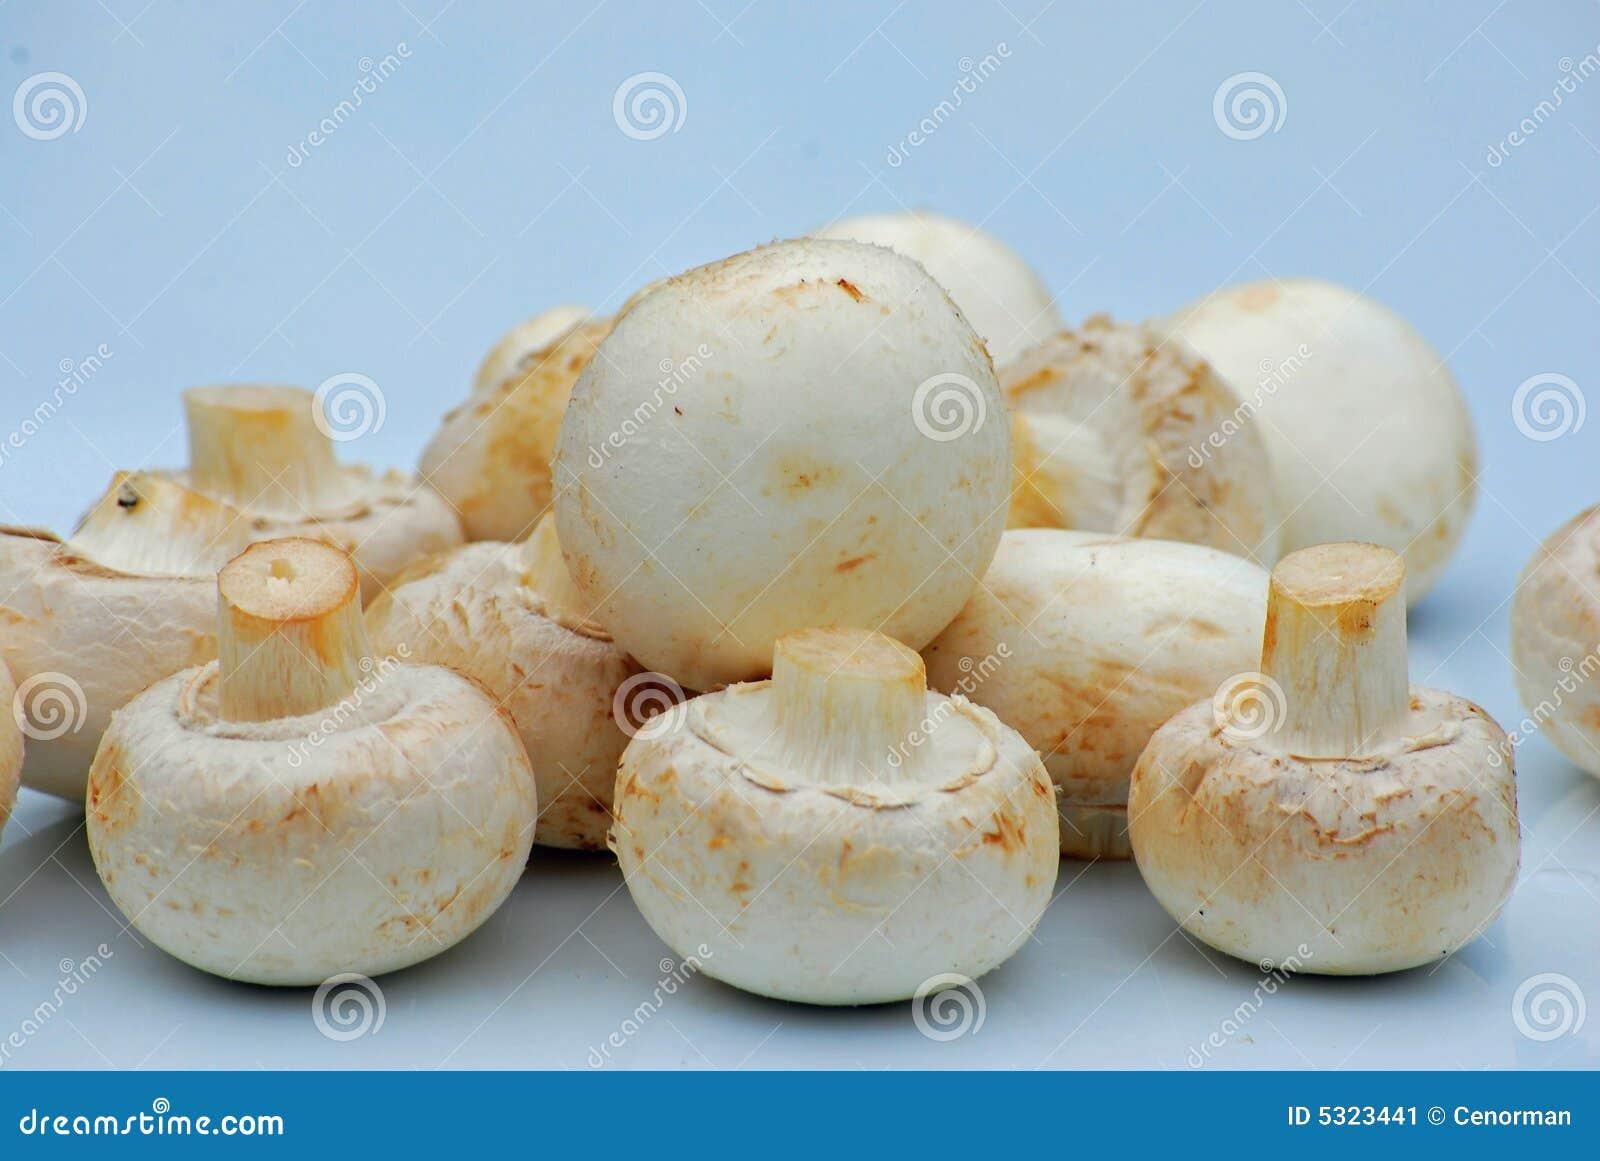 Download Funghi immagine stock. Immagine di mangi, pranzo, cuoco - 5323441